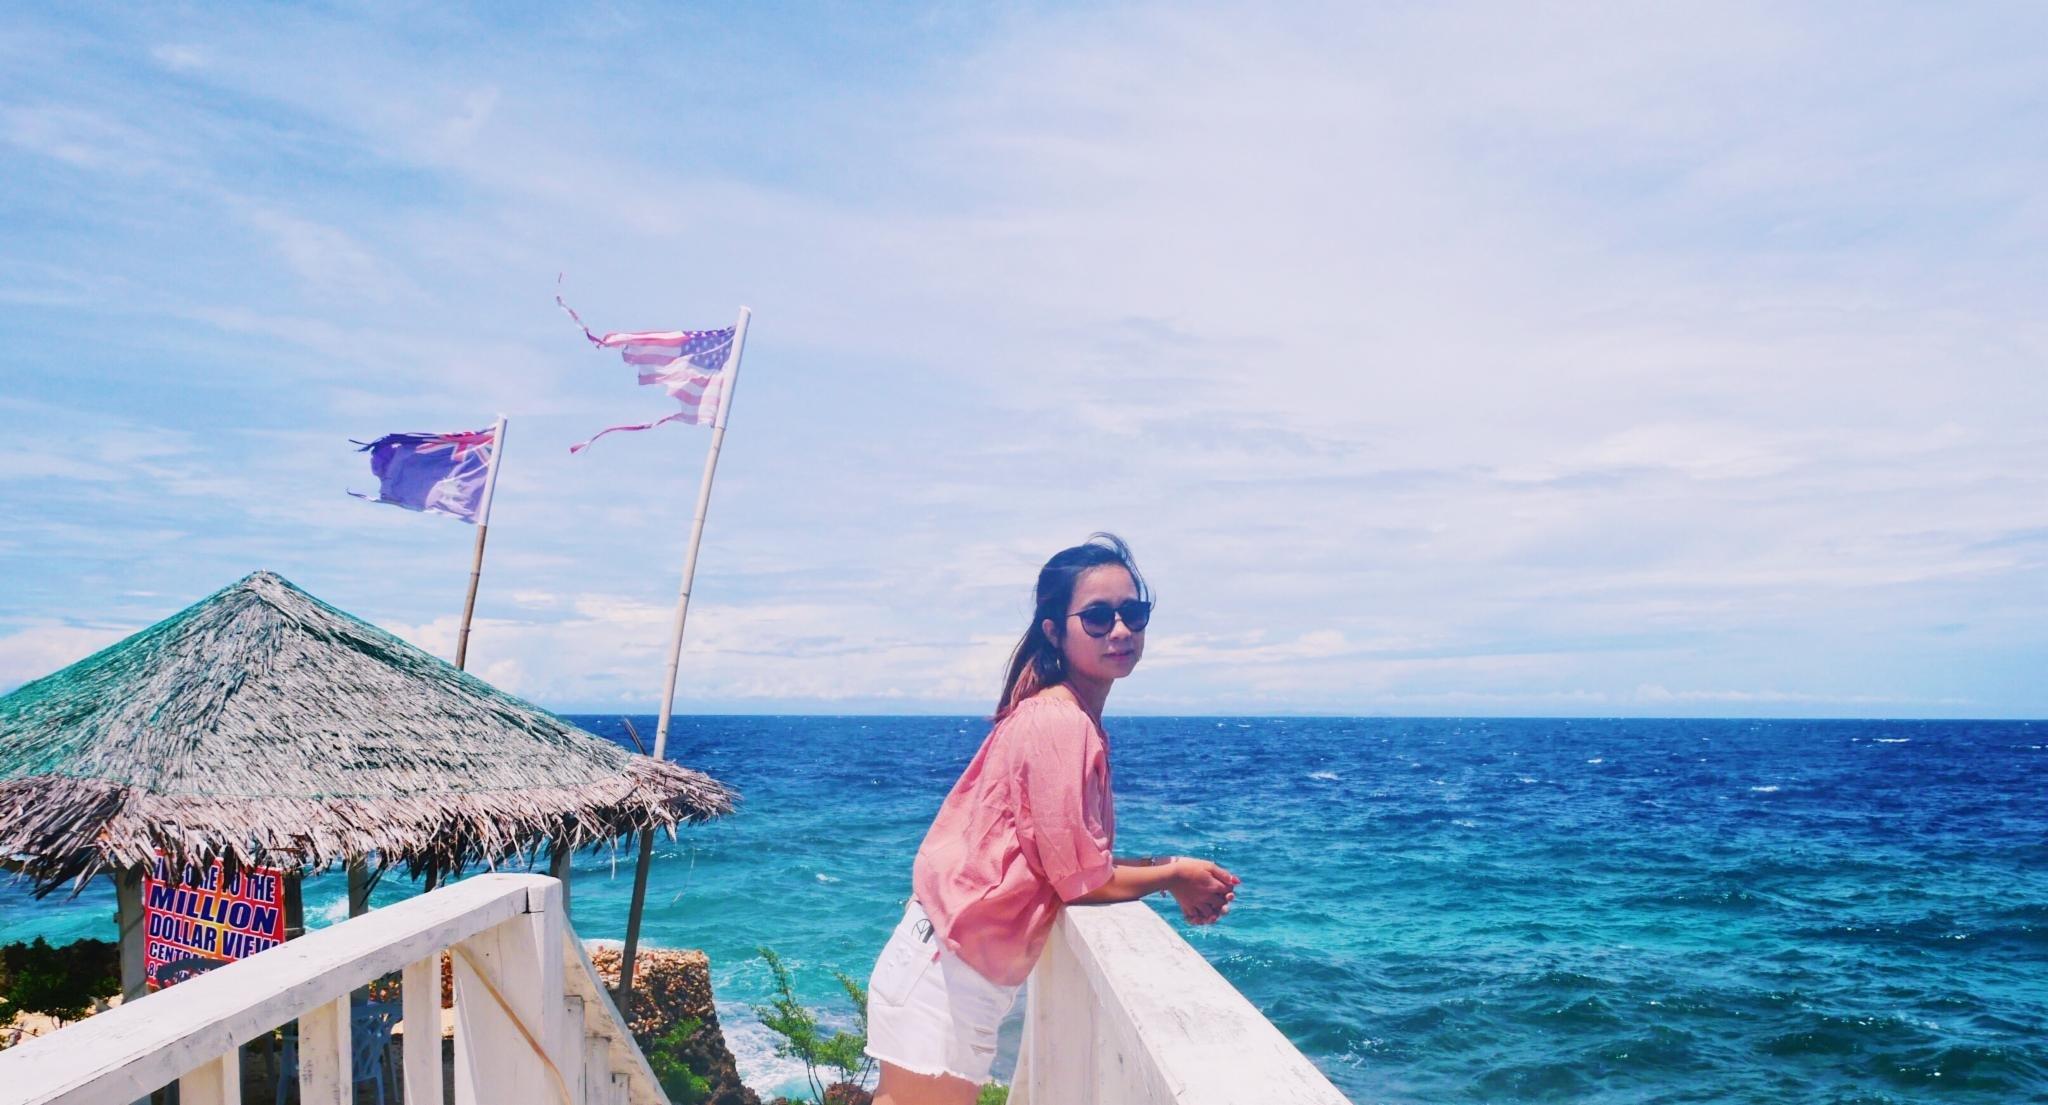 菲律宾旅行 I 潜入一片蓝色星球